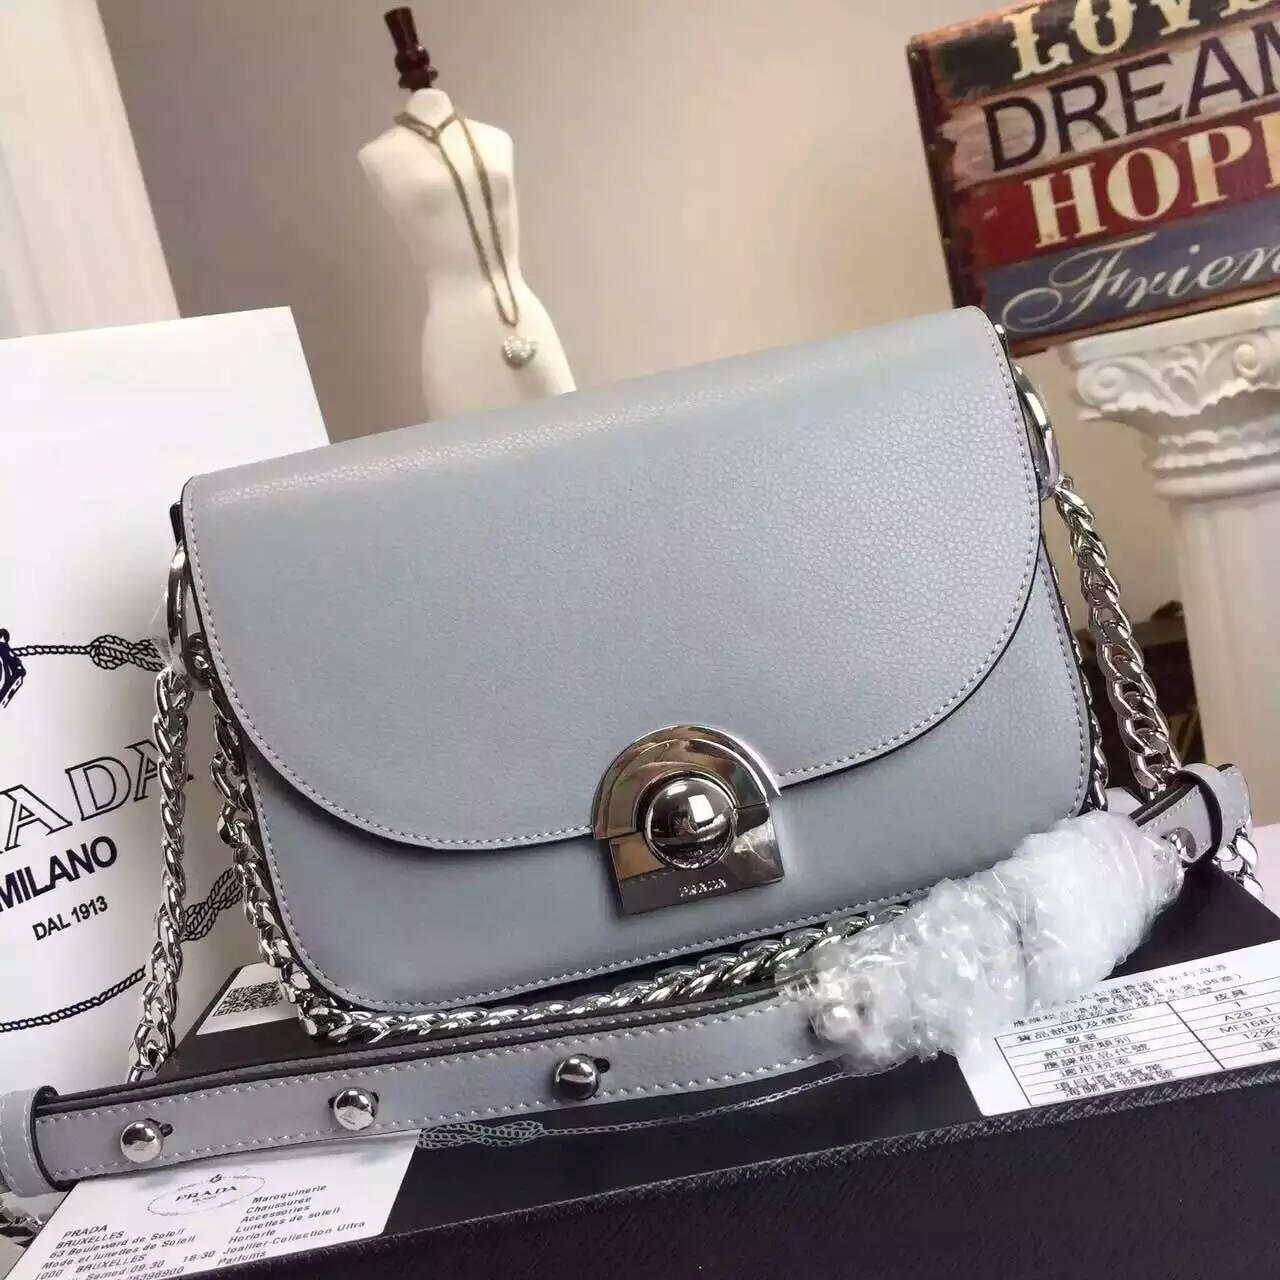 Prada 2016 Runway Handbags Cheap Sale - Prada Arcade Calf Leather Shoulder  Bag in Marble